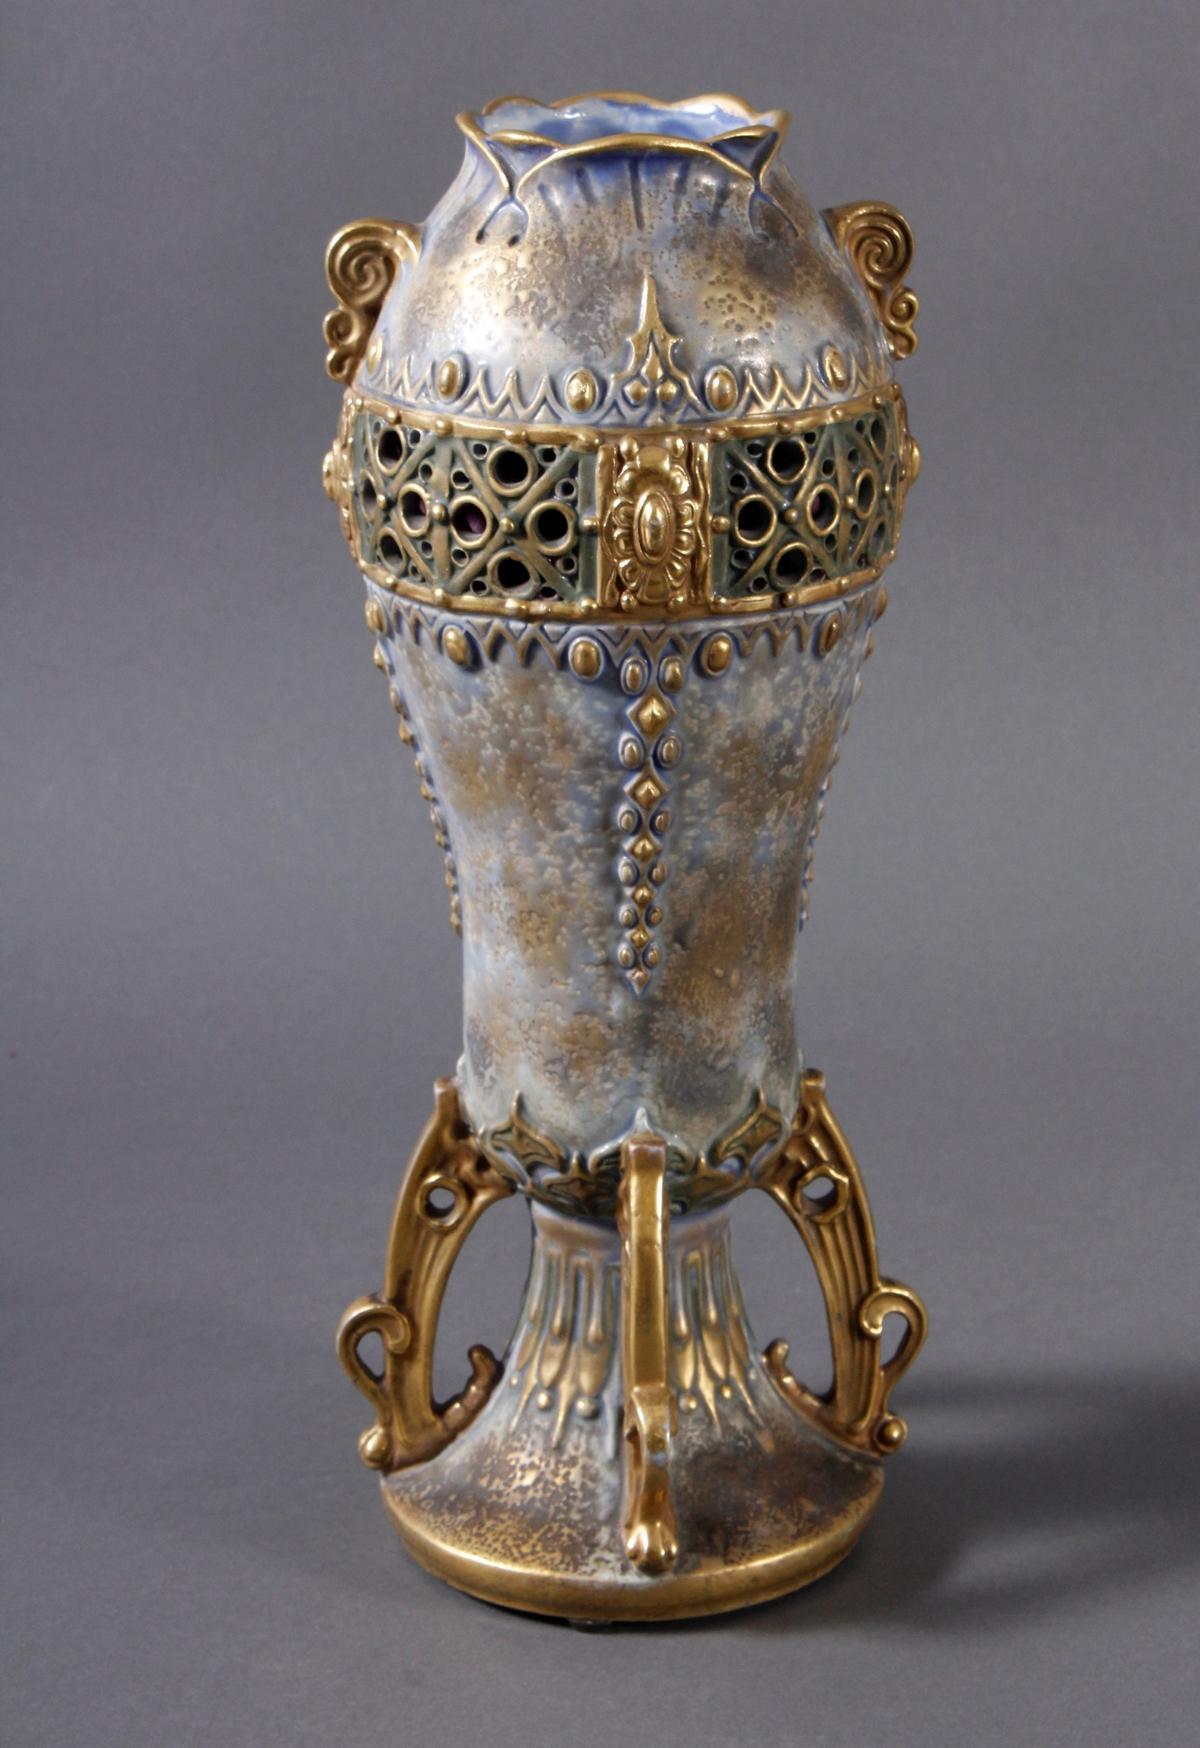 Jugendstil Keramikvase Amphora Austria-2